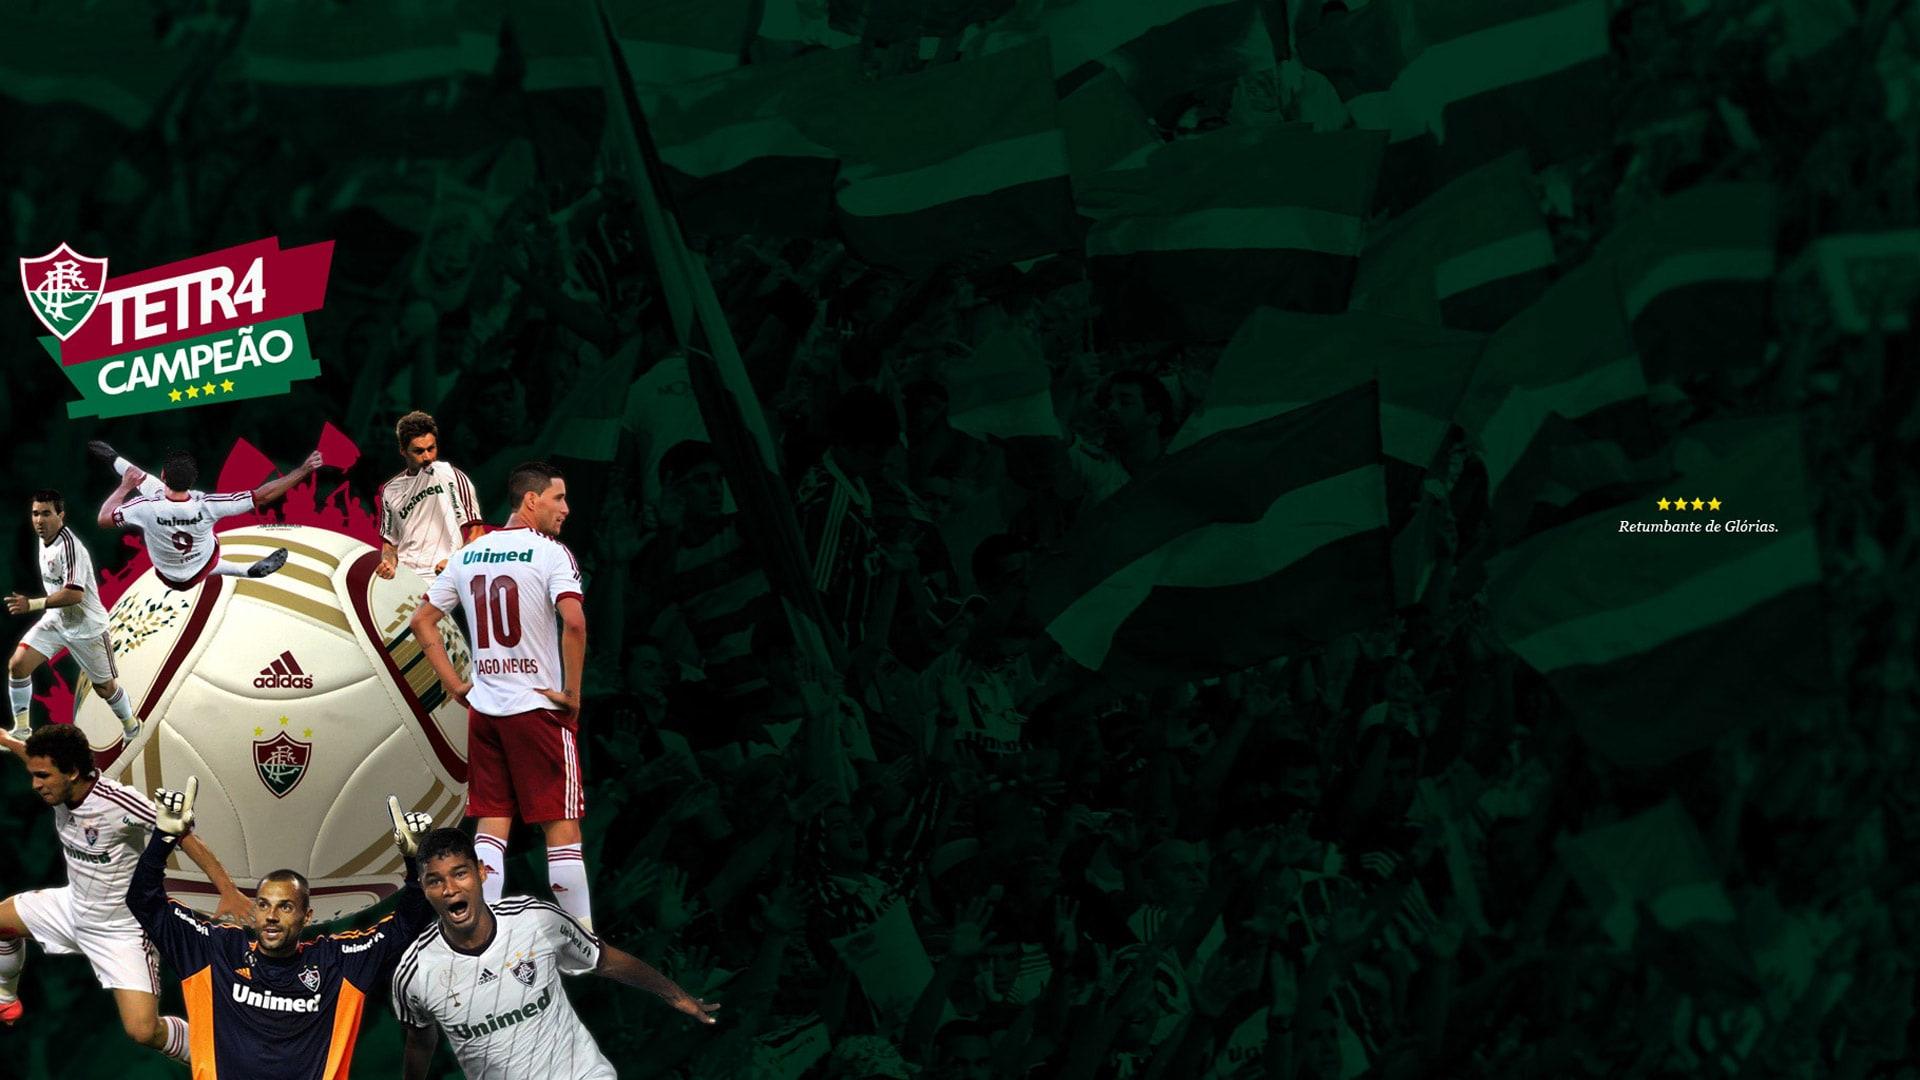 Papel de Parede Fluminense Tetr4 Campeão